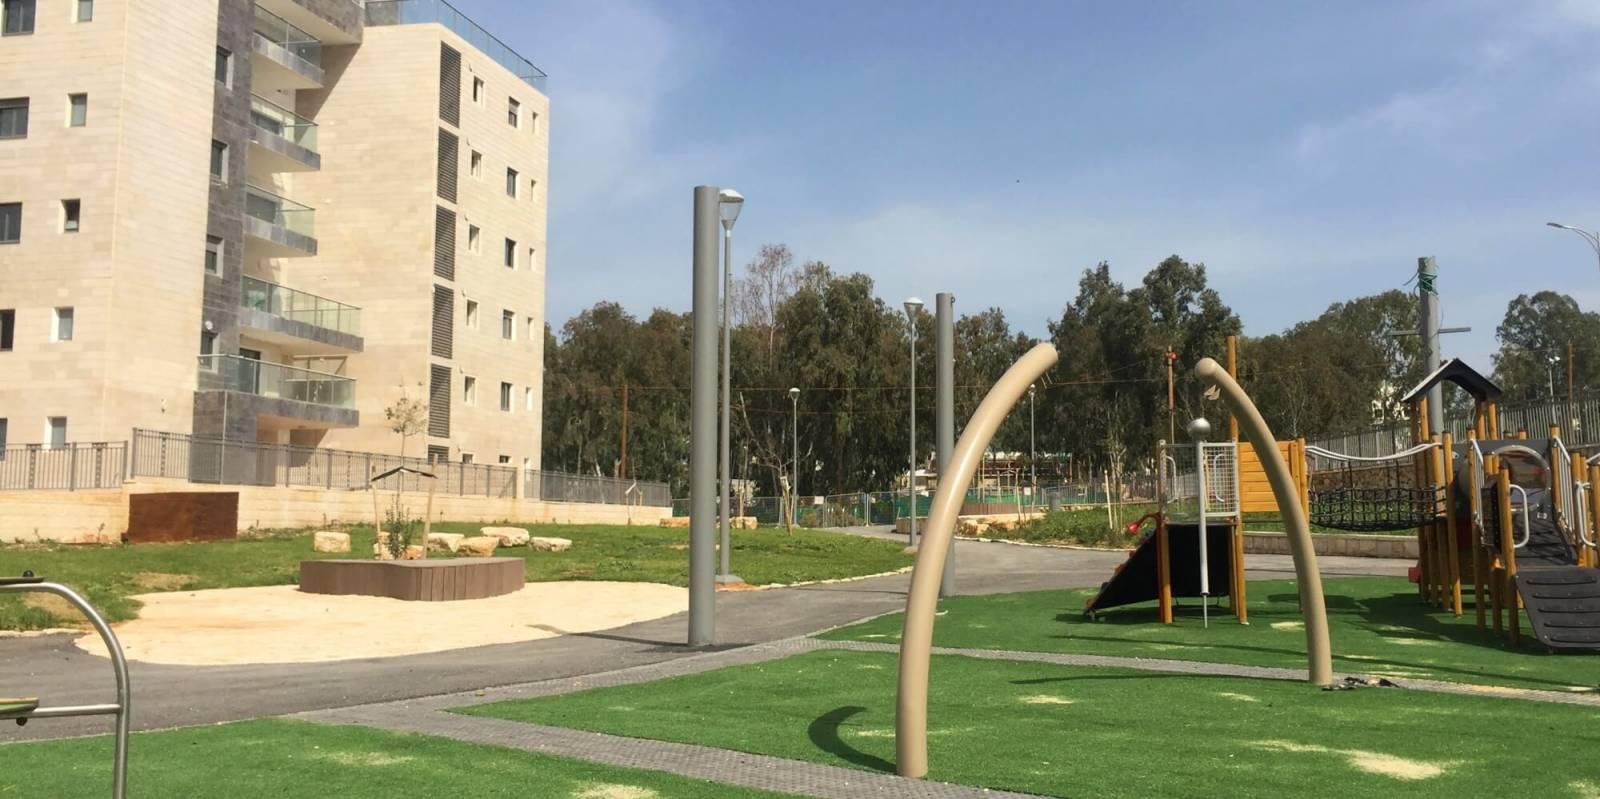 גן ציבורי בחריש בהקמה